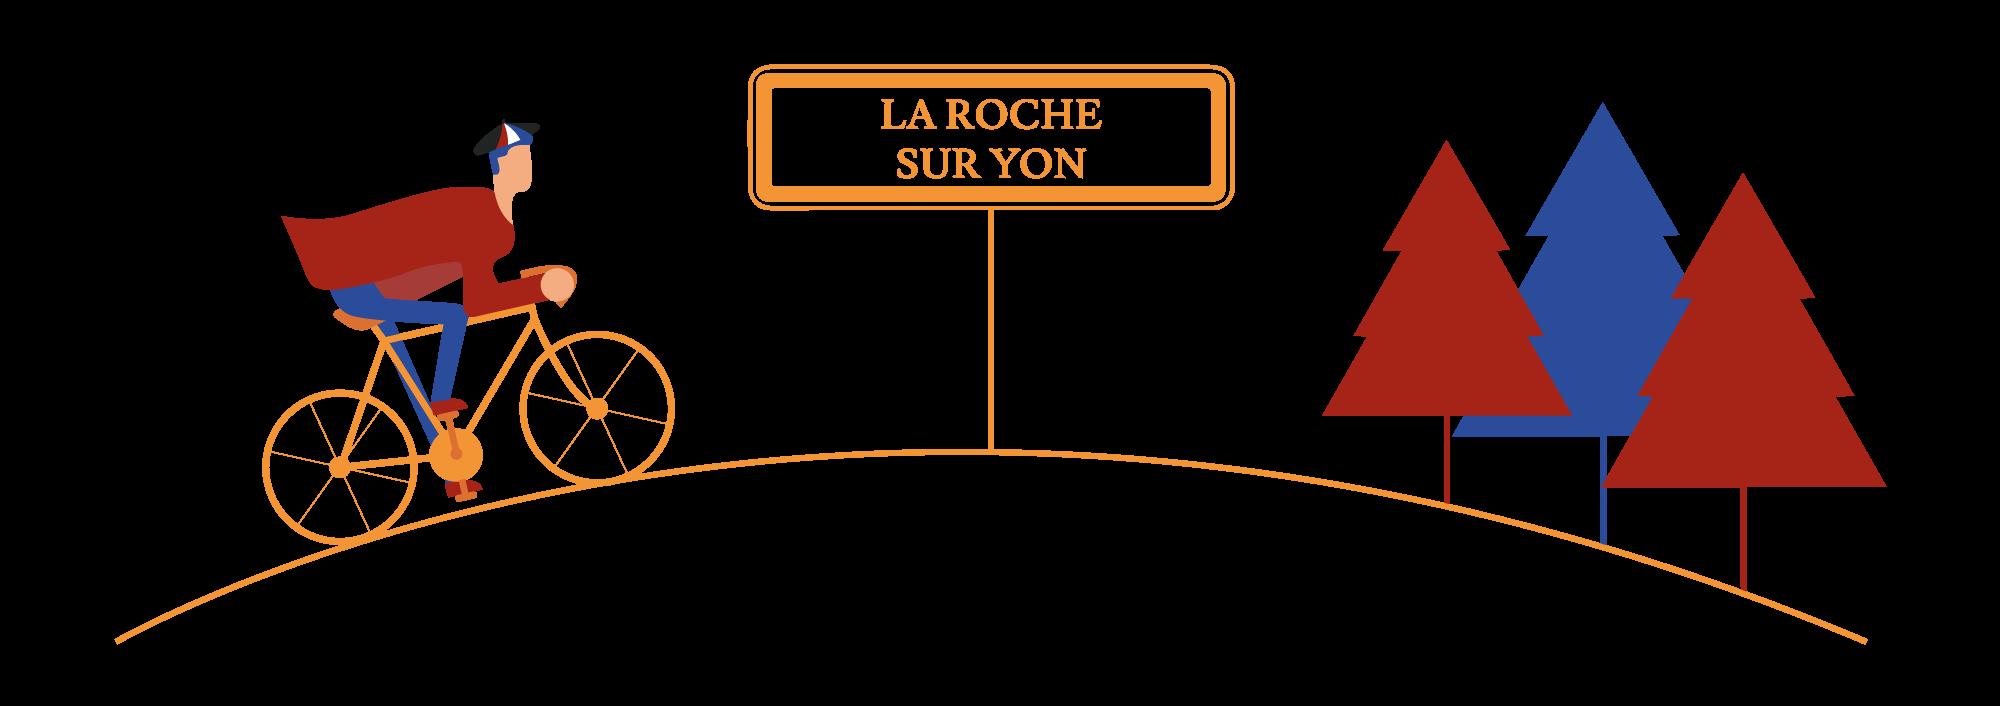 Spécialités de La-Roche-sur-Yon